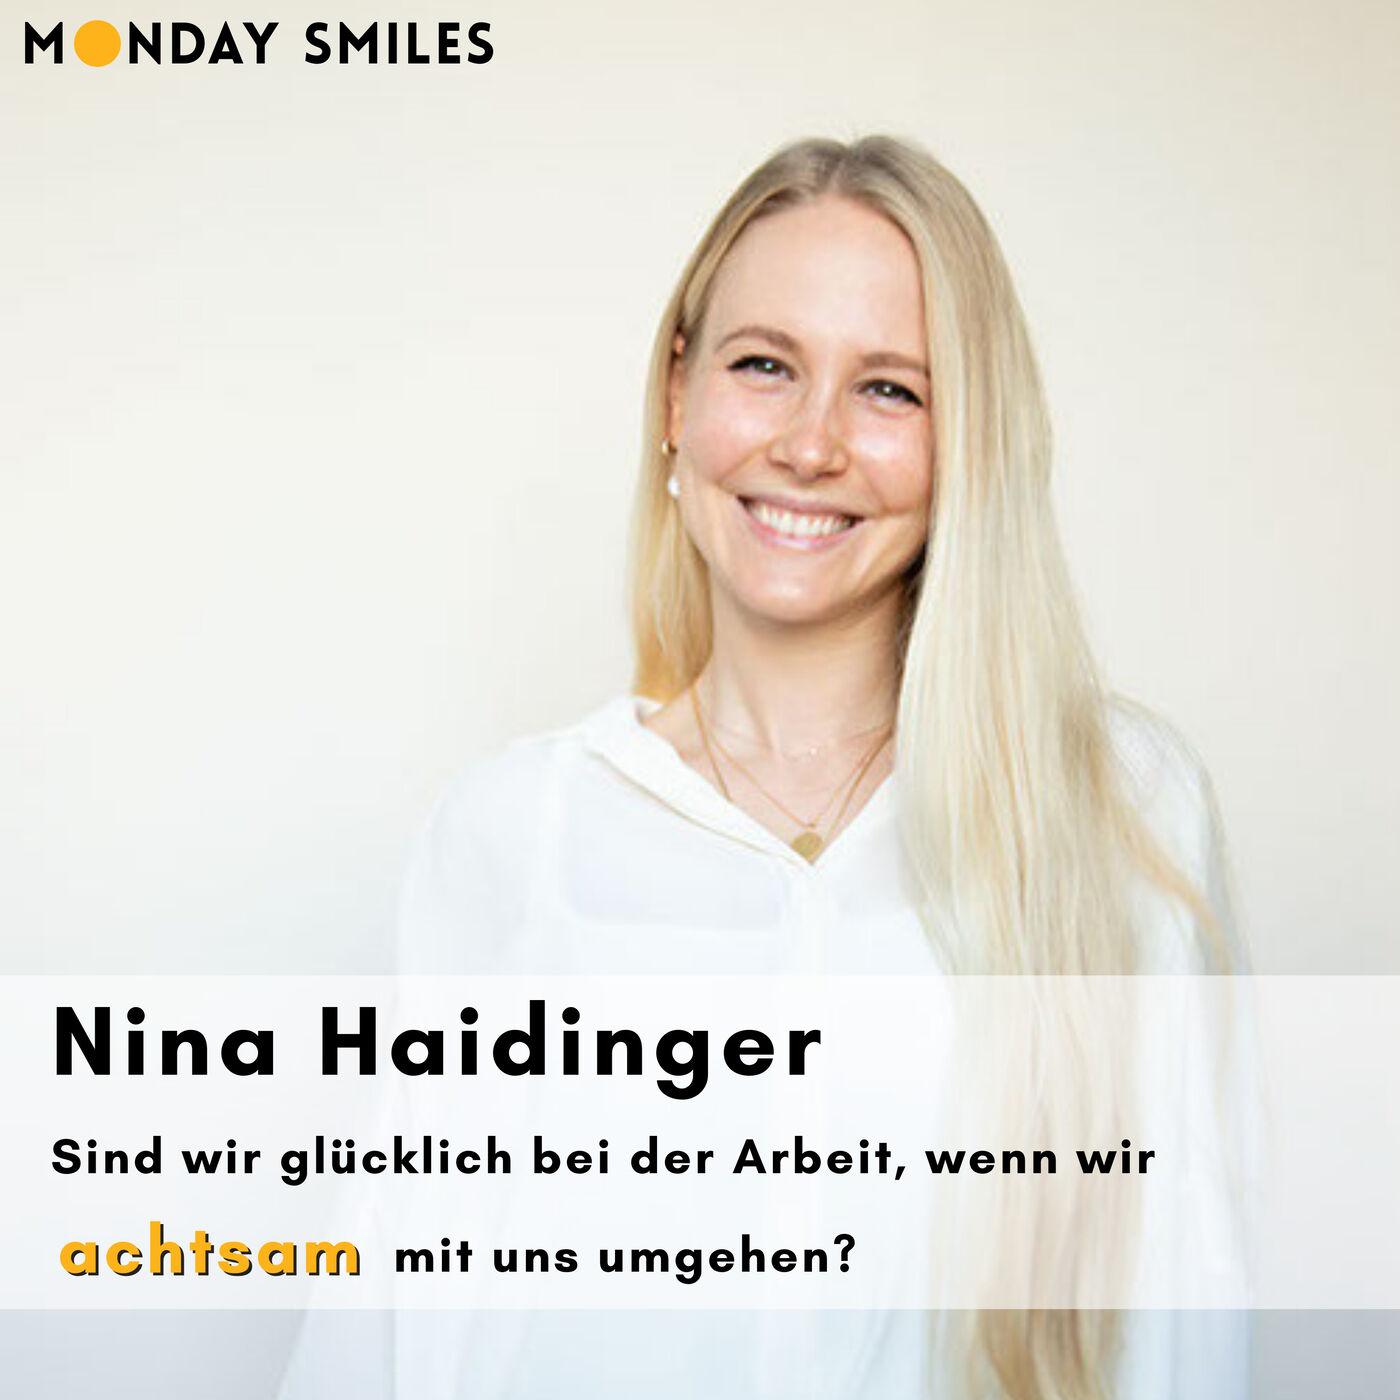 04 - Nina Haidinger: Sind wir glücklich bei der Arbeit, wenn wir achtsam mit uns umgehen?